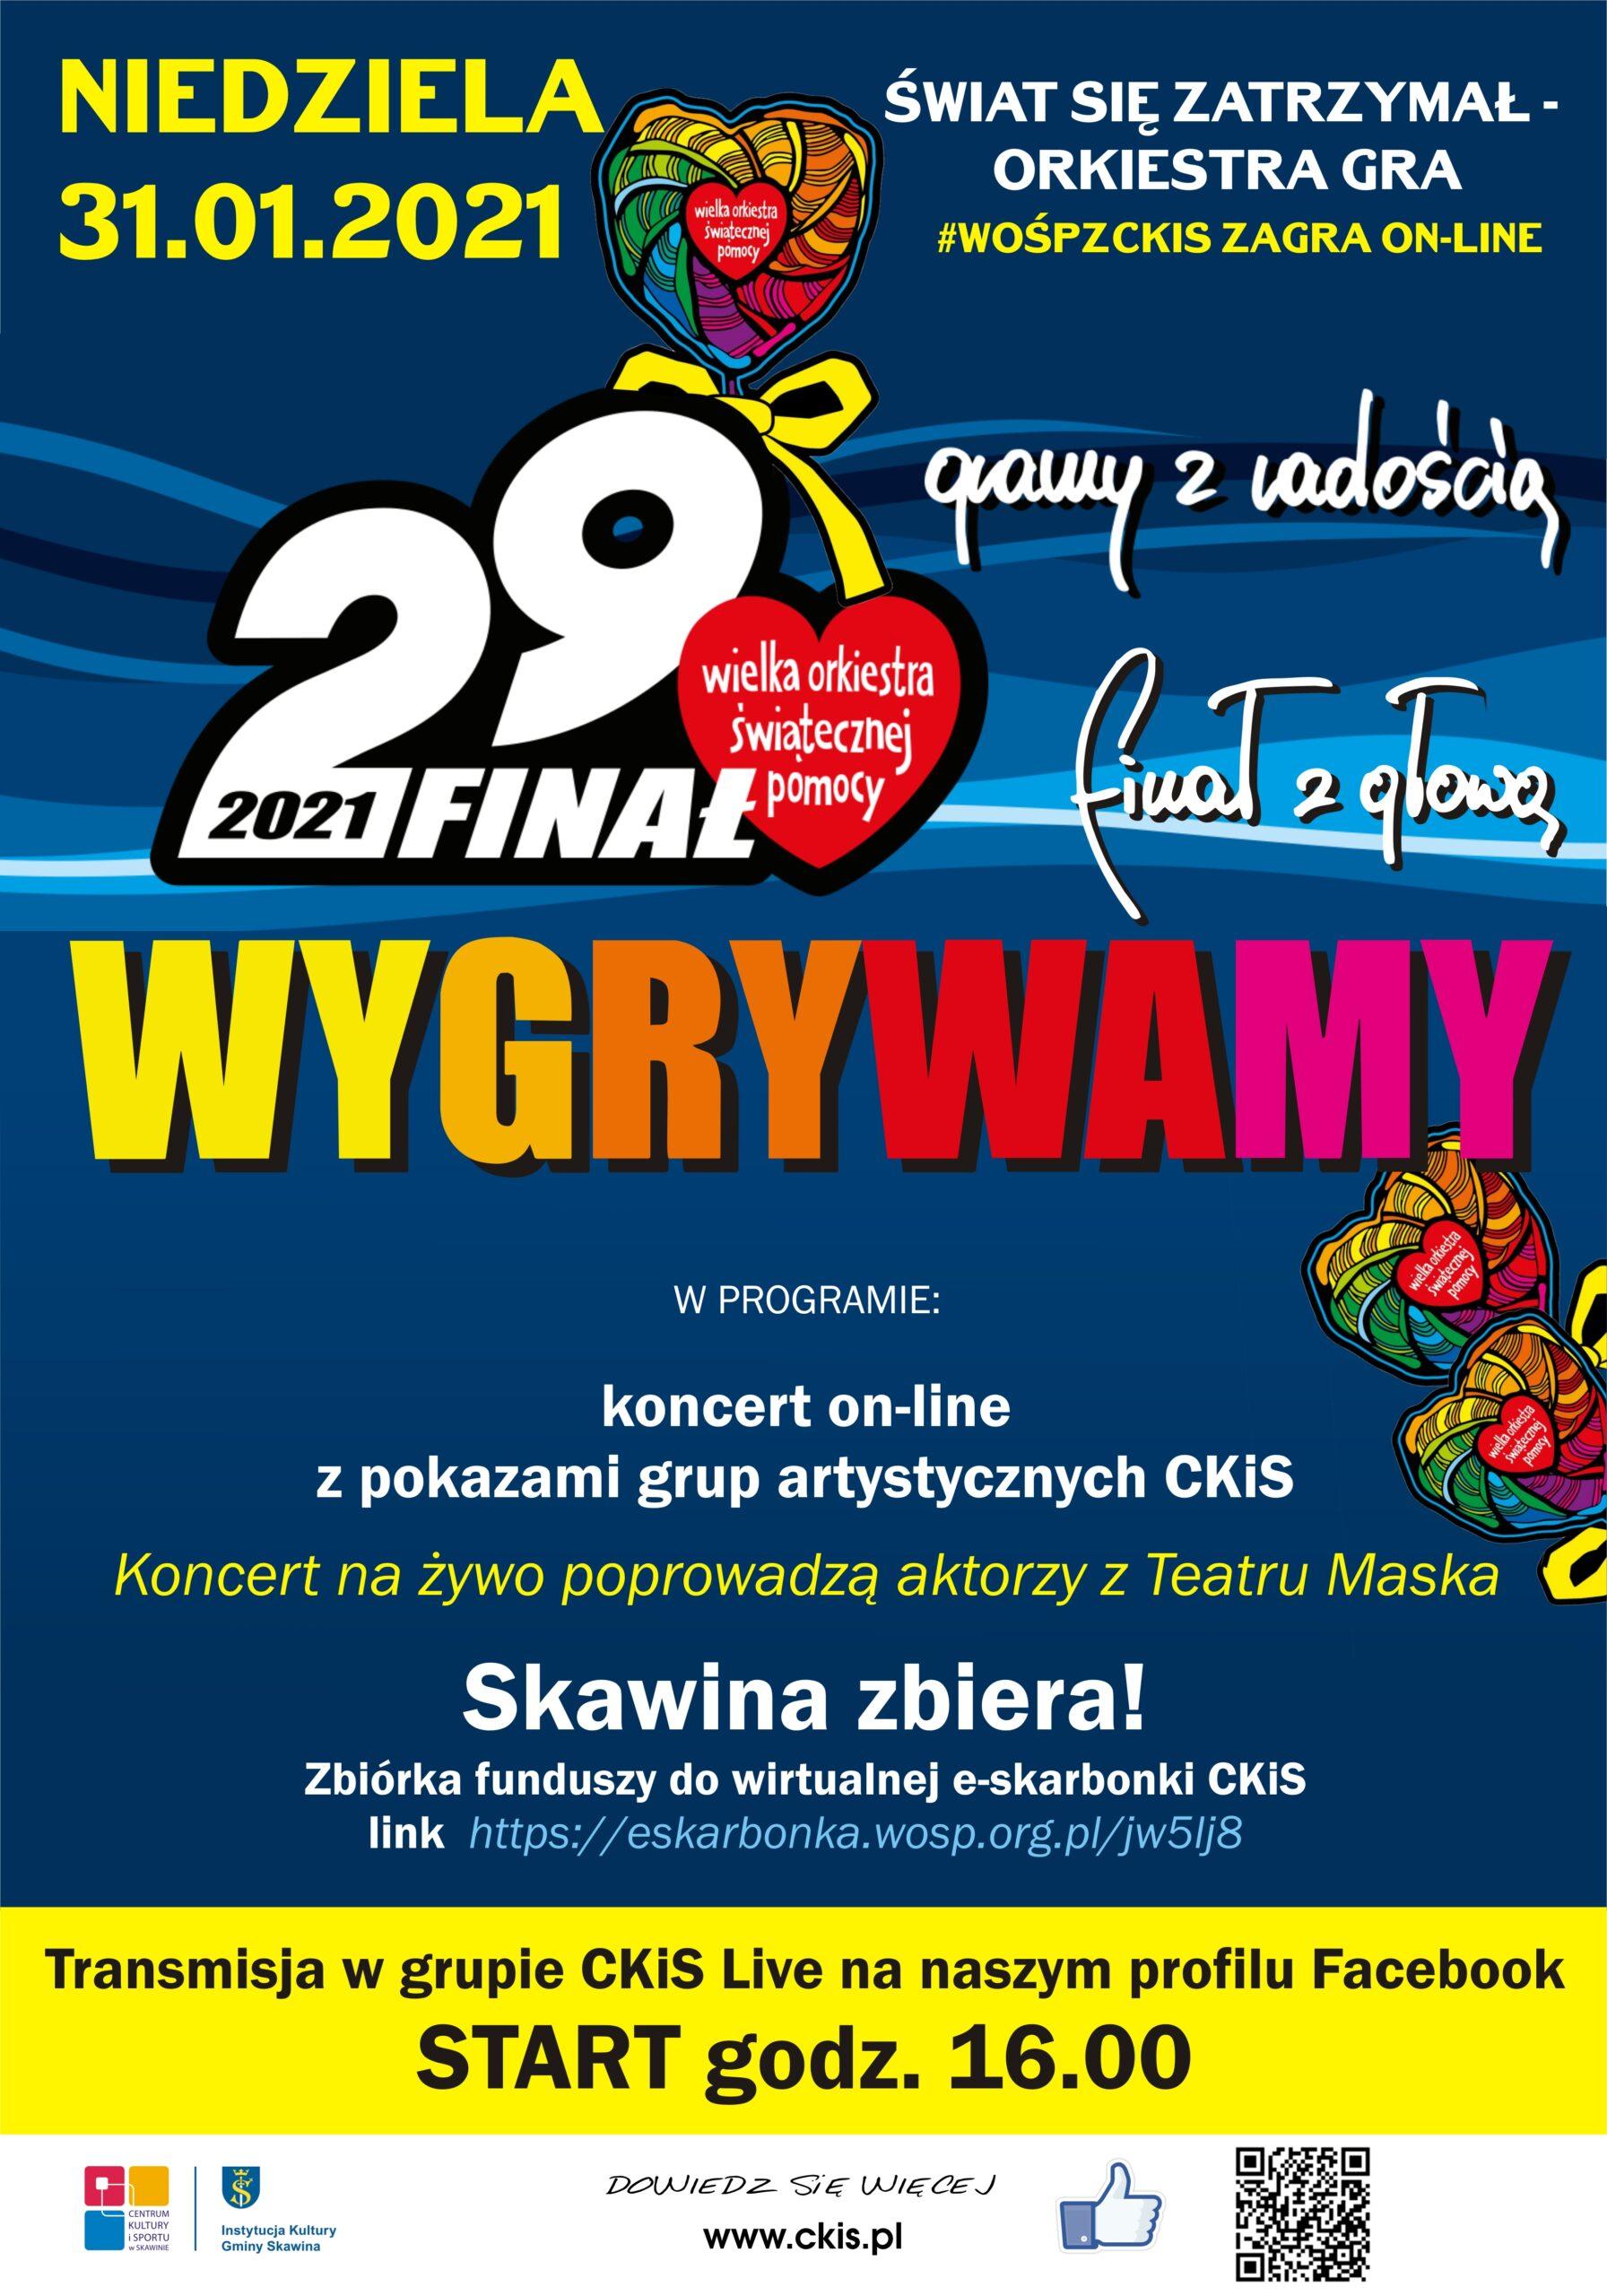 Plakat zapowiadający 29 finał Wielkiej Orkiestry Świątecznej Pomocy.